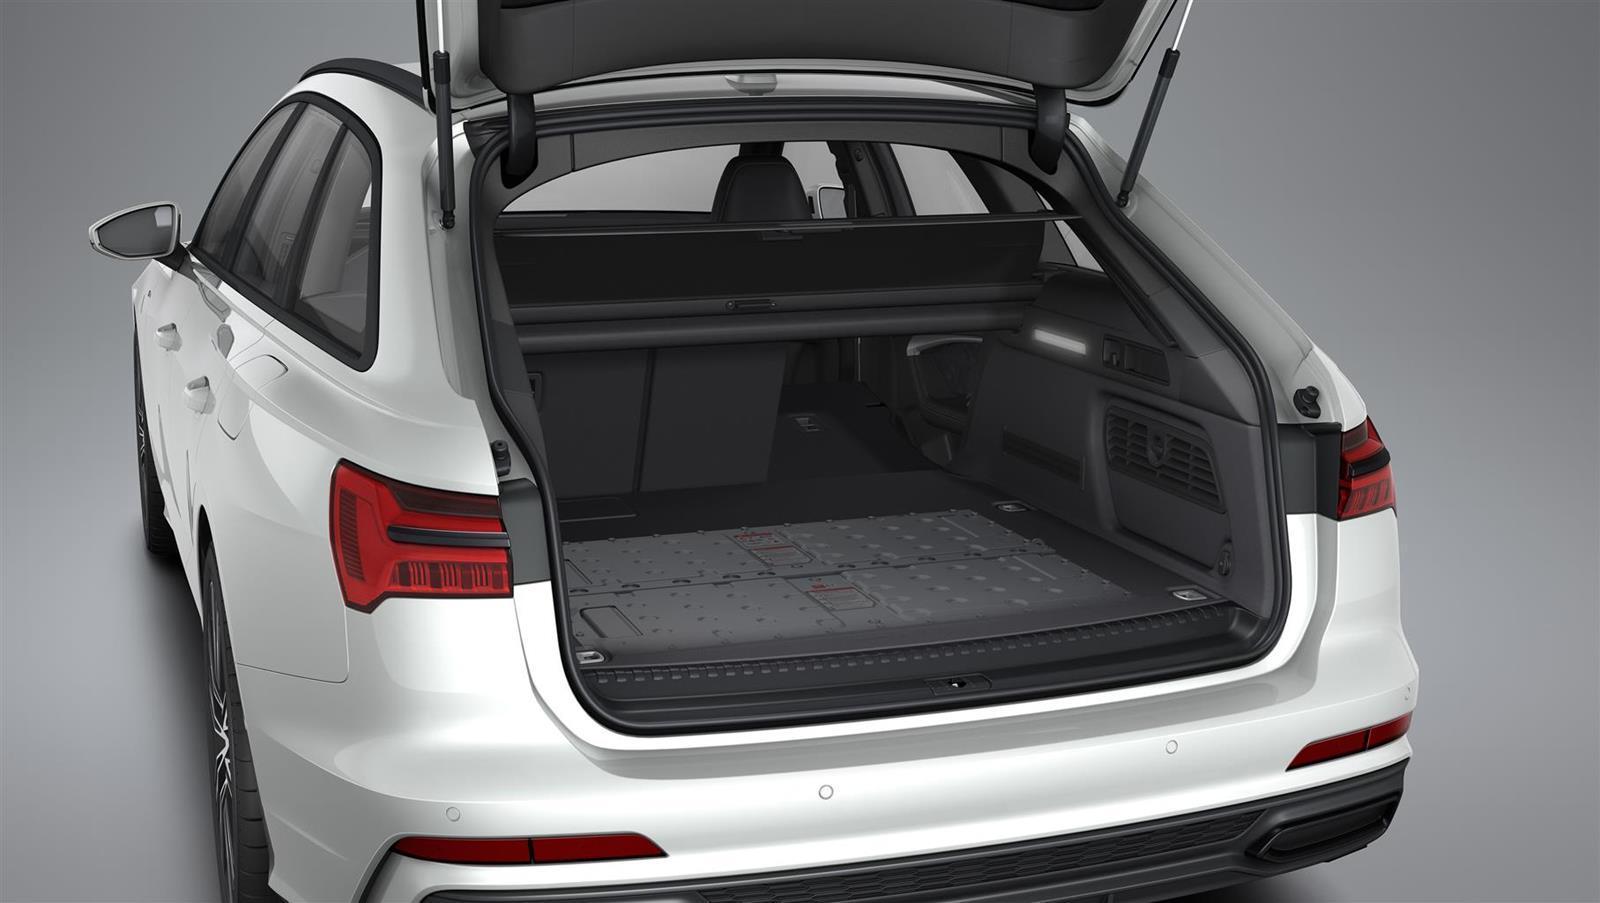 Audi A6 TFSI e e A7 Sportback TFSI e